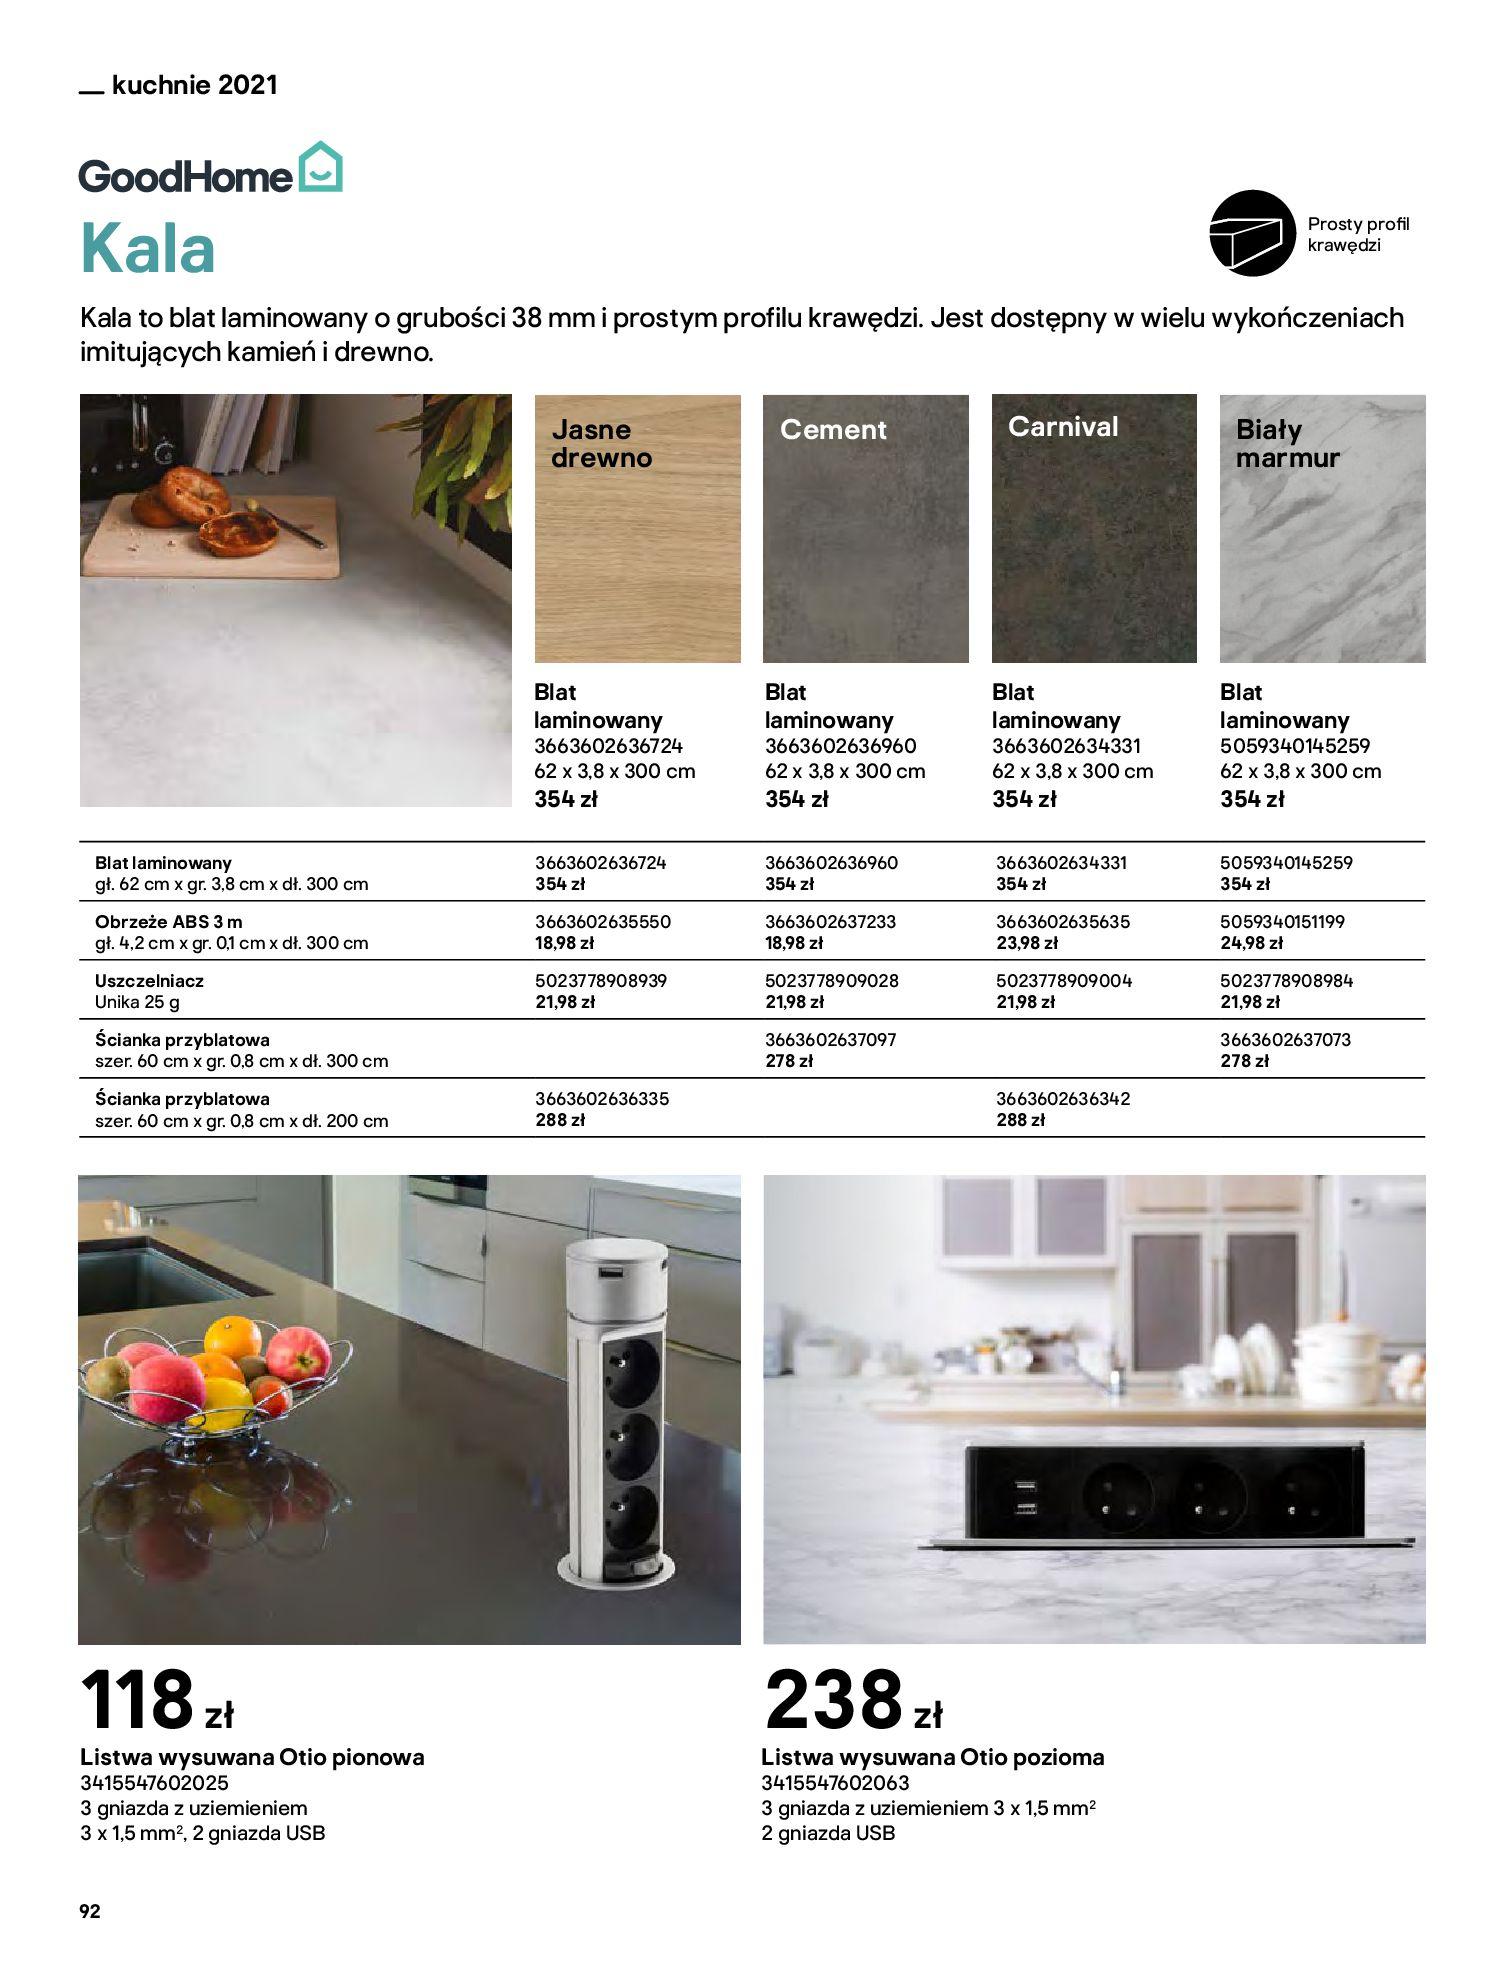 Gazetka Castorama: Katalog kuchnie 2021 2021-05-04 page-92